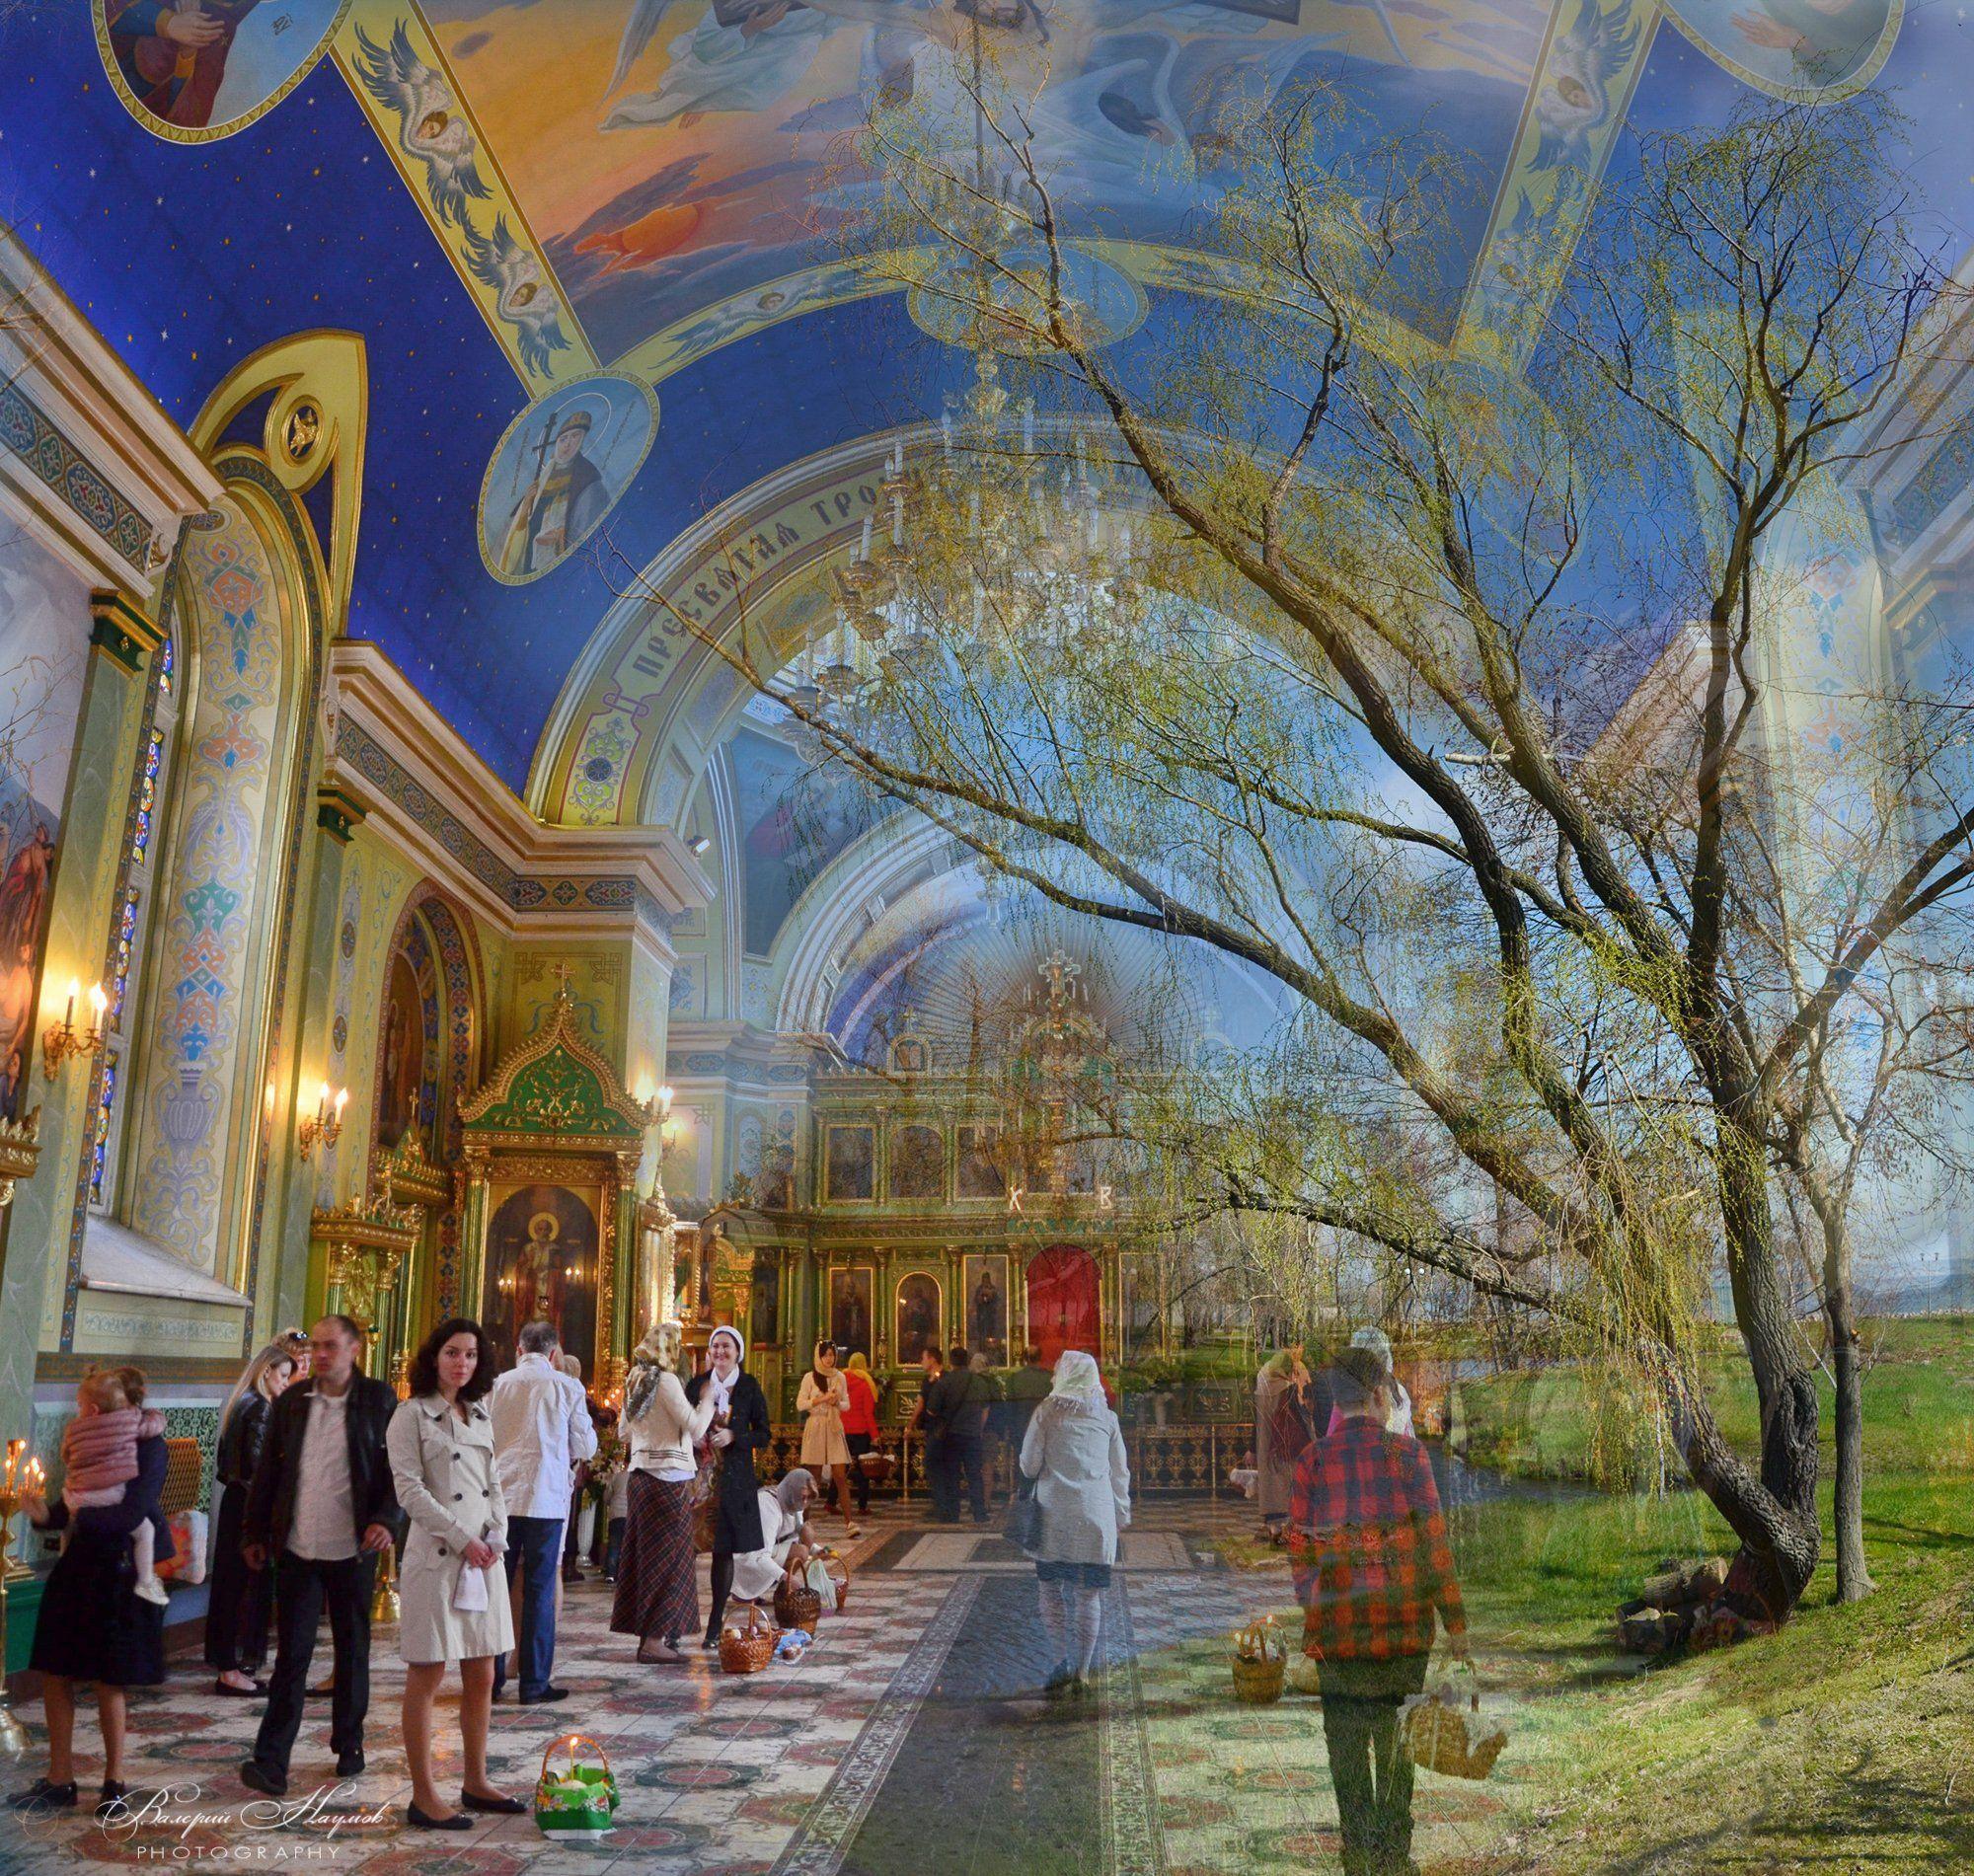 весна, май, пасха, воскресение природы, светлое христово воскресение, Валерий Наумов